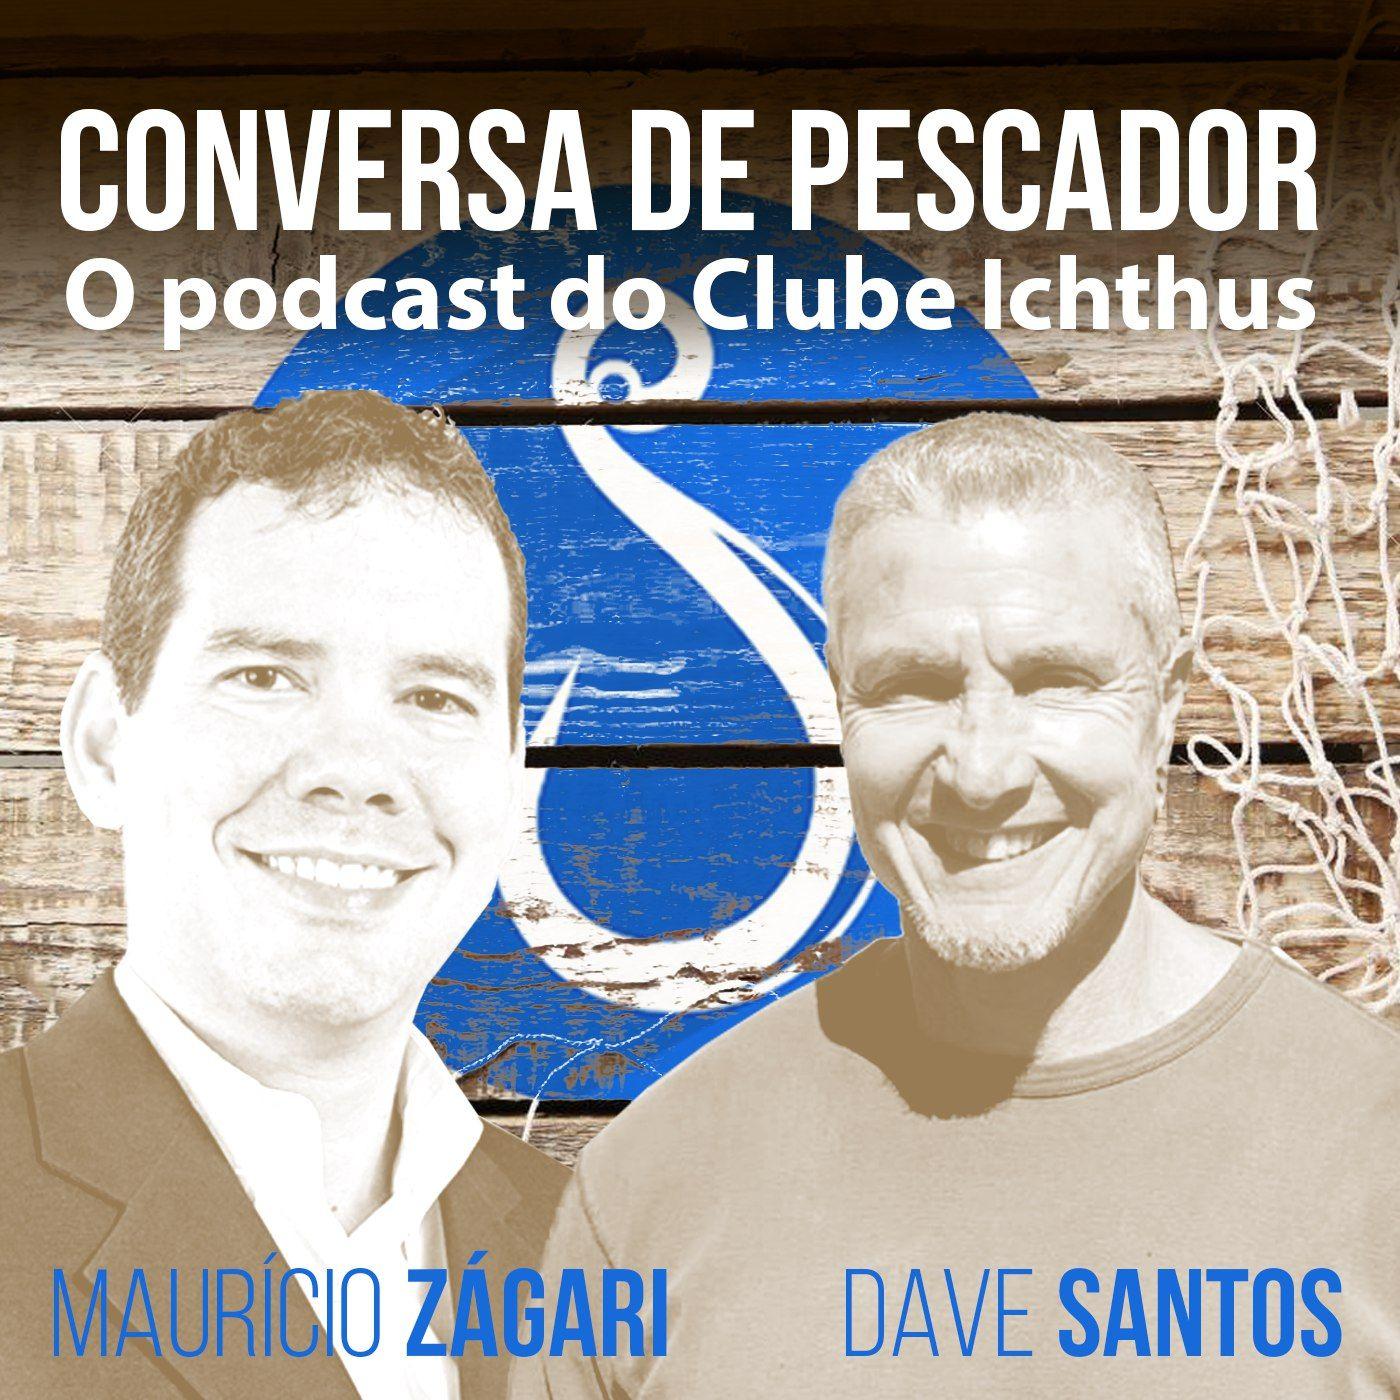 003 - Conversa de pescador - Dave Santos e Maurício Zágari